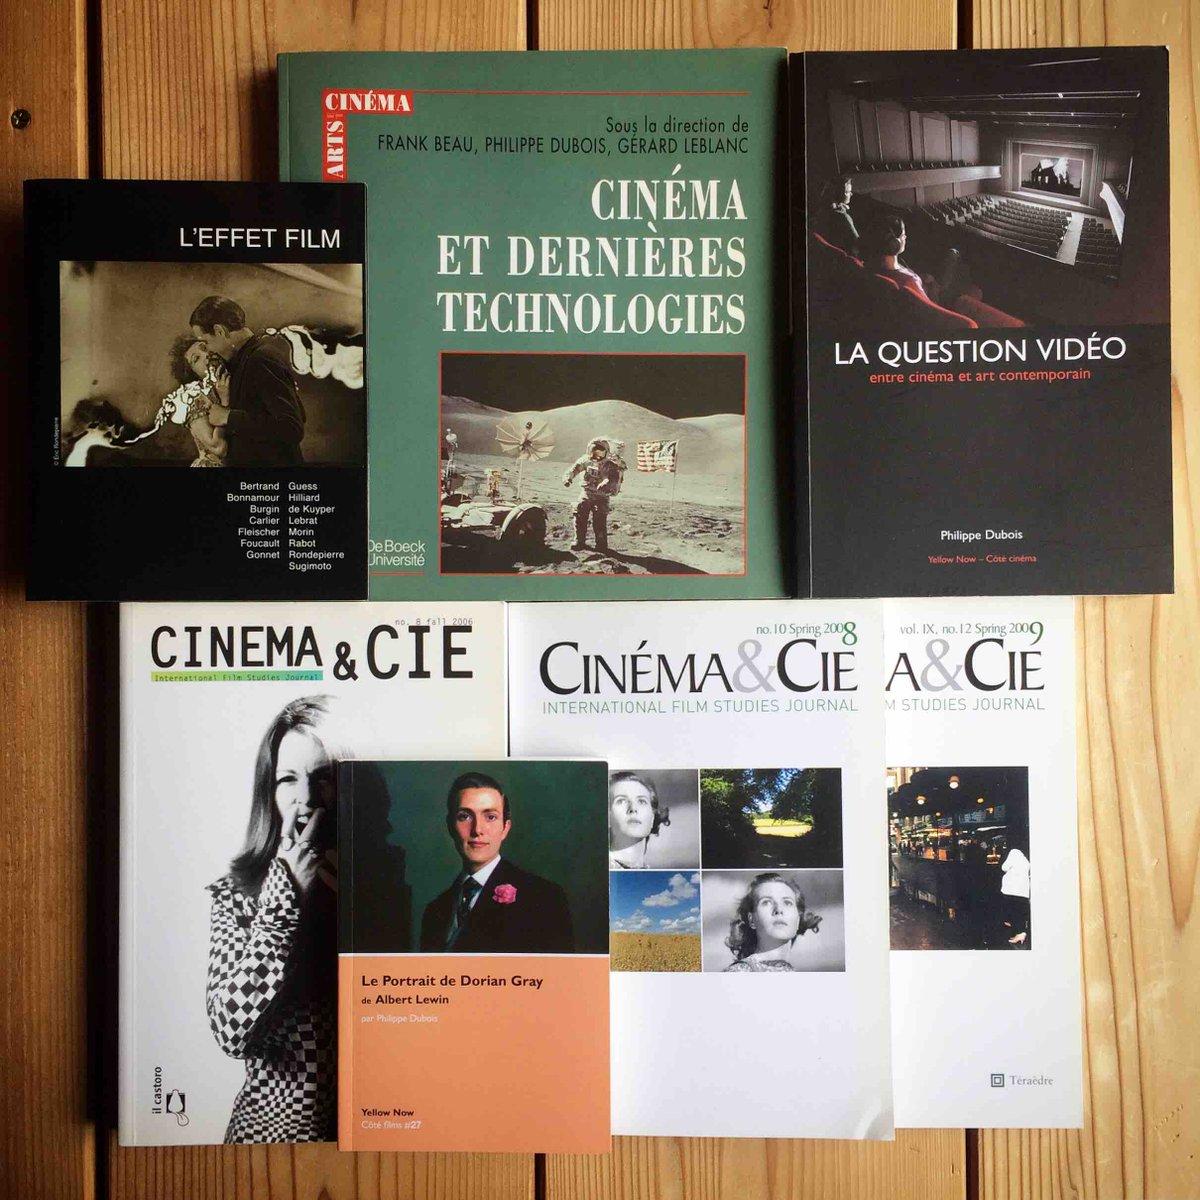 写真論の古典的名著『写真的行為』(未邦訳、1982)で知られるデュボワは、その後も、映画、写真、ヴィデオをめぐる珠玉の論考を多数出版しており、その一端はゴダールのヴィデオ使用についての最も明晰な論考を含む『La Question vidéo』に集成されている。http://www.yellownow.be/livre_detail.php?ItemID=162…